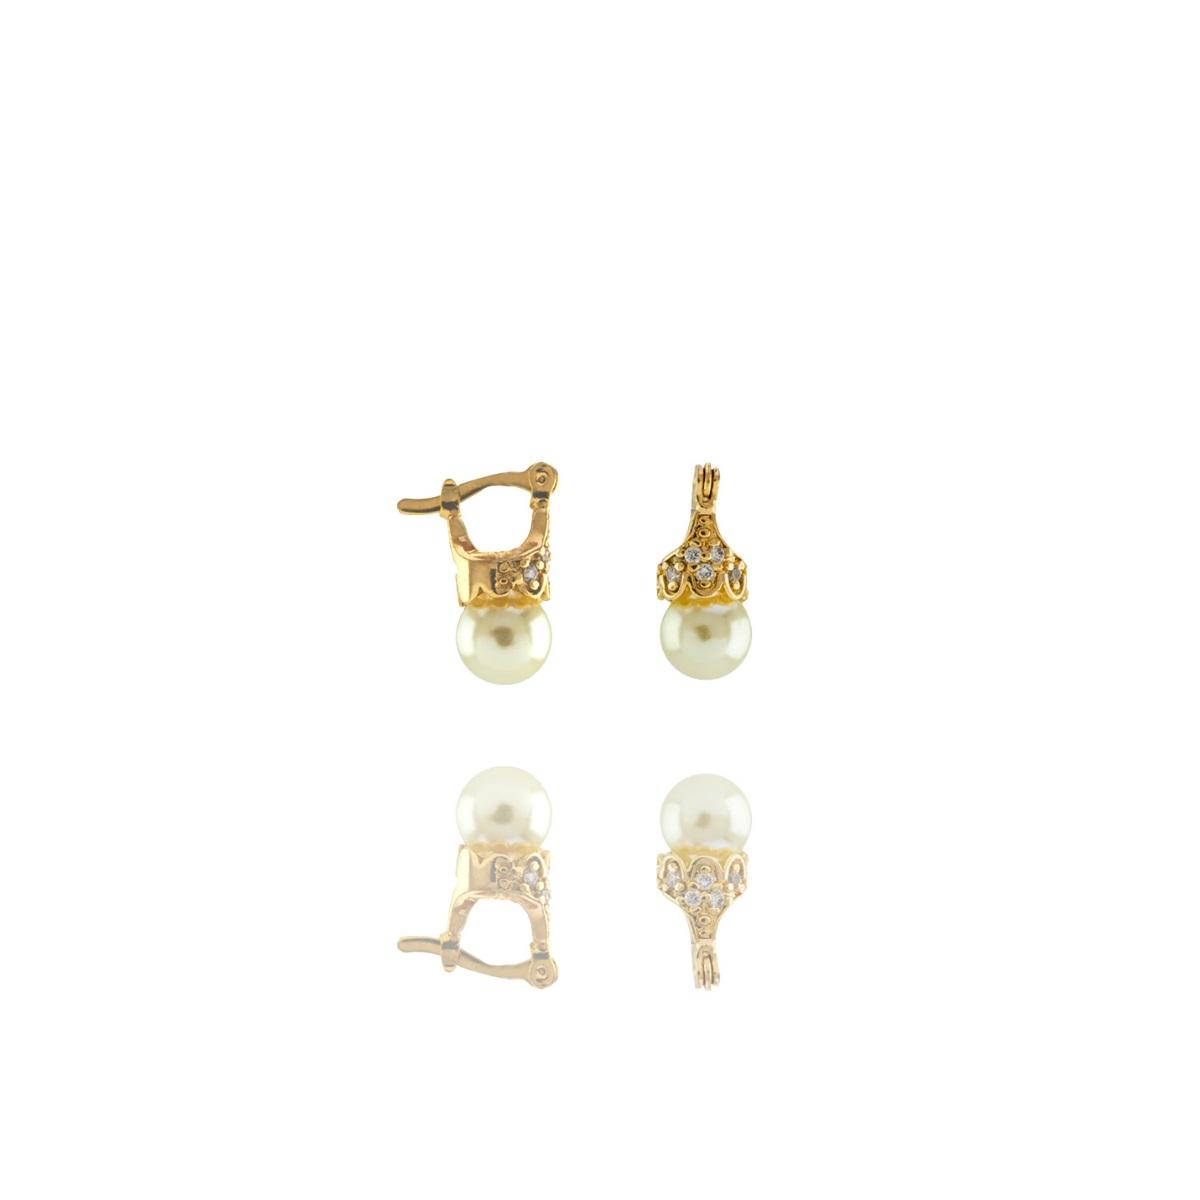 Brinco Barbara Strauss Lady Em Pérola Lalique E Zircônia, Revestido Em Ouro 18K